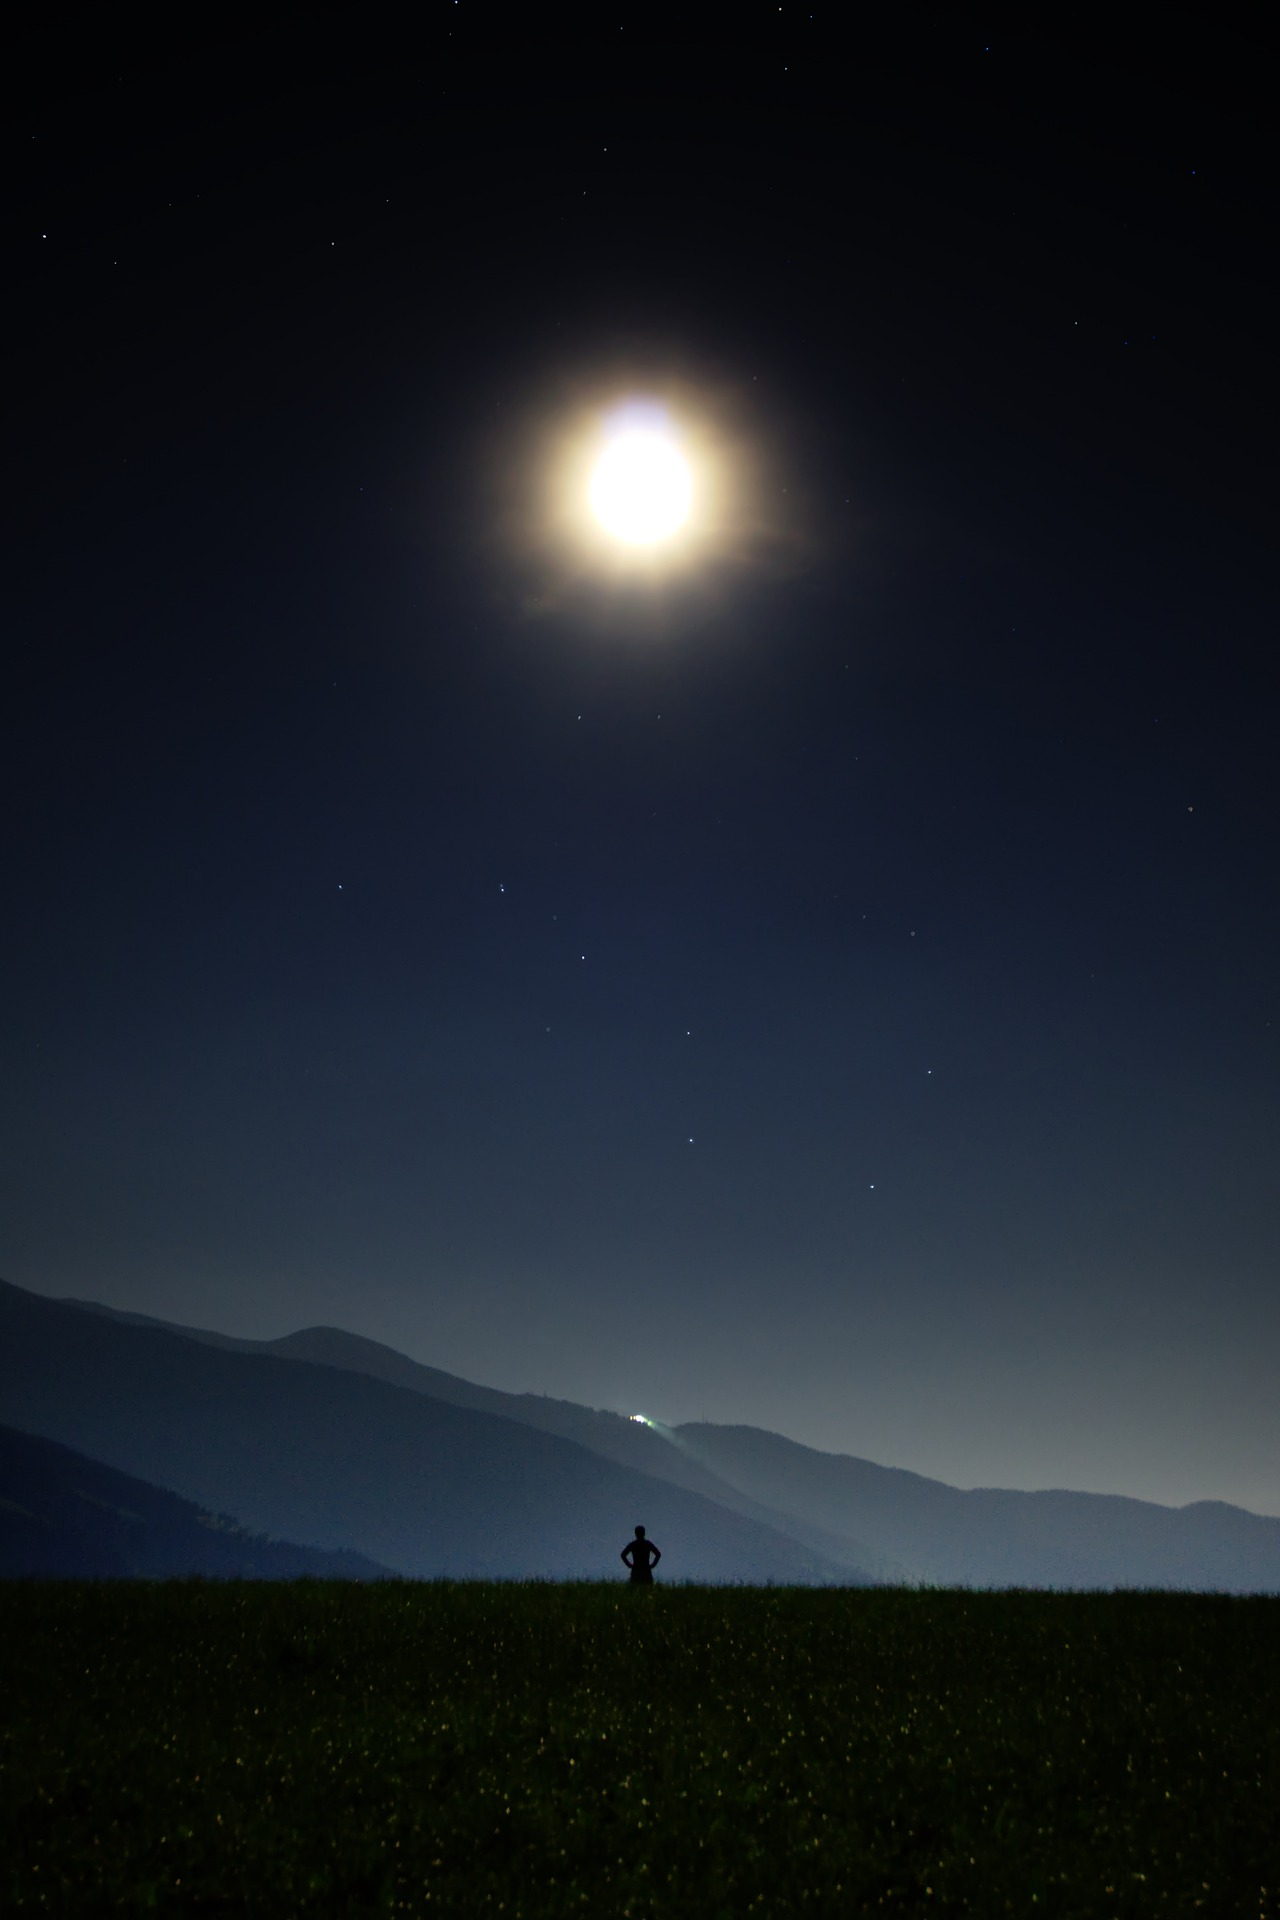 晚上, 月亮, 星级, 天空, 黑暗 - 高清壁纸 - 教授-falken.com